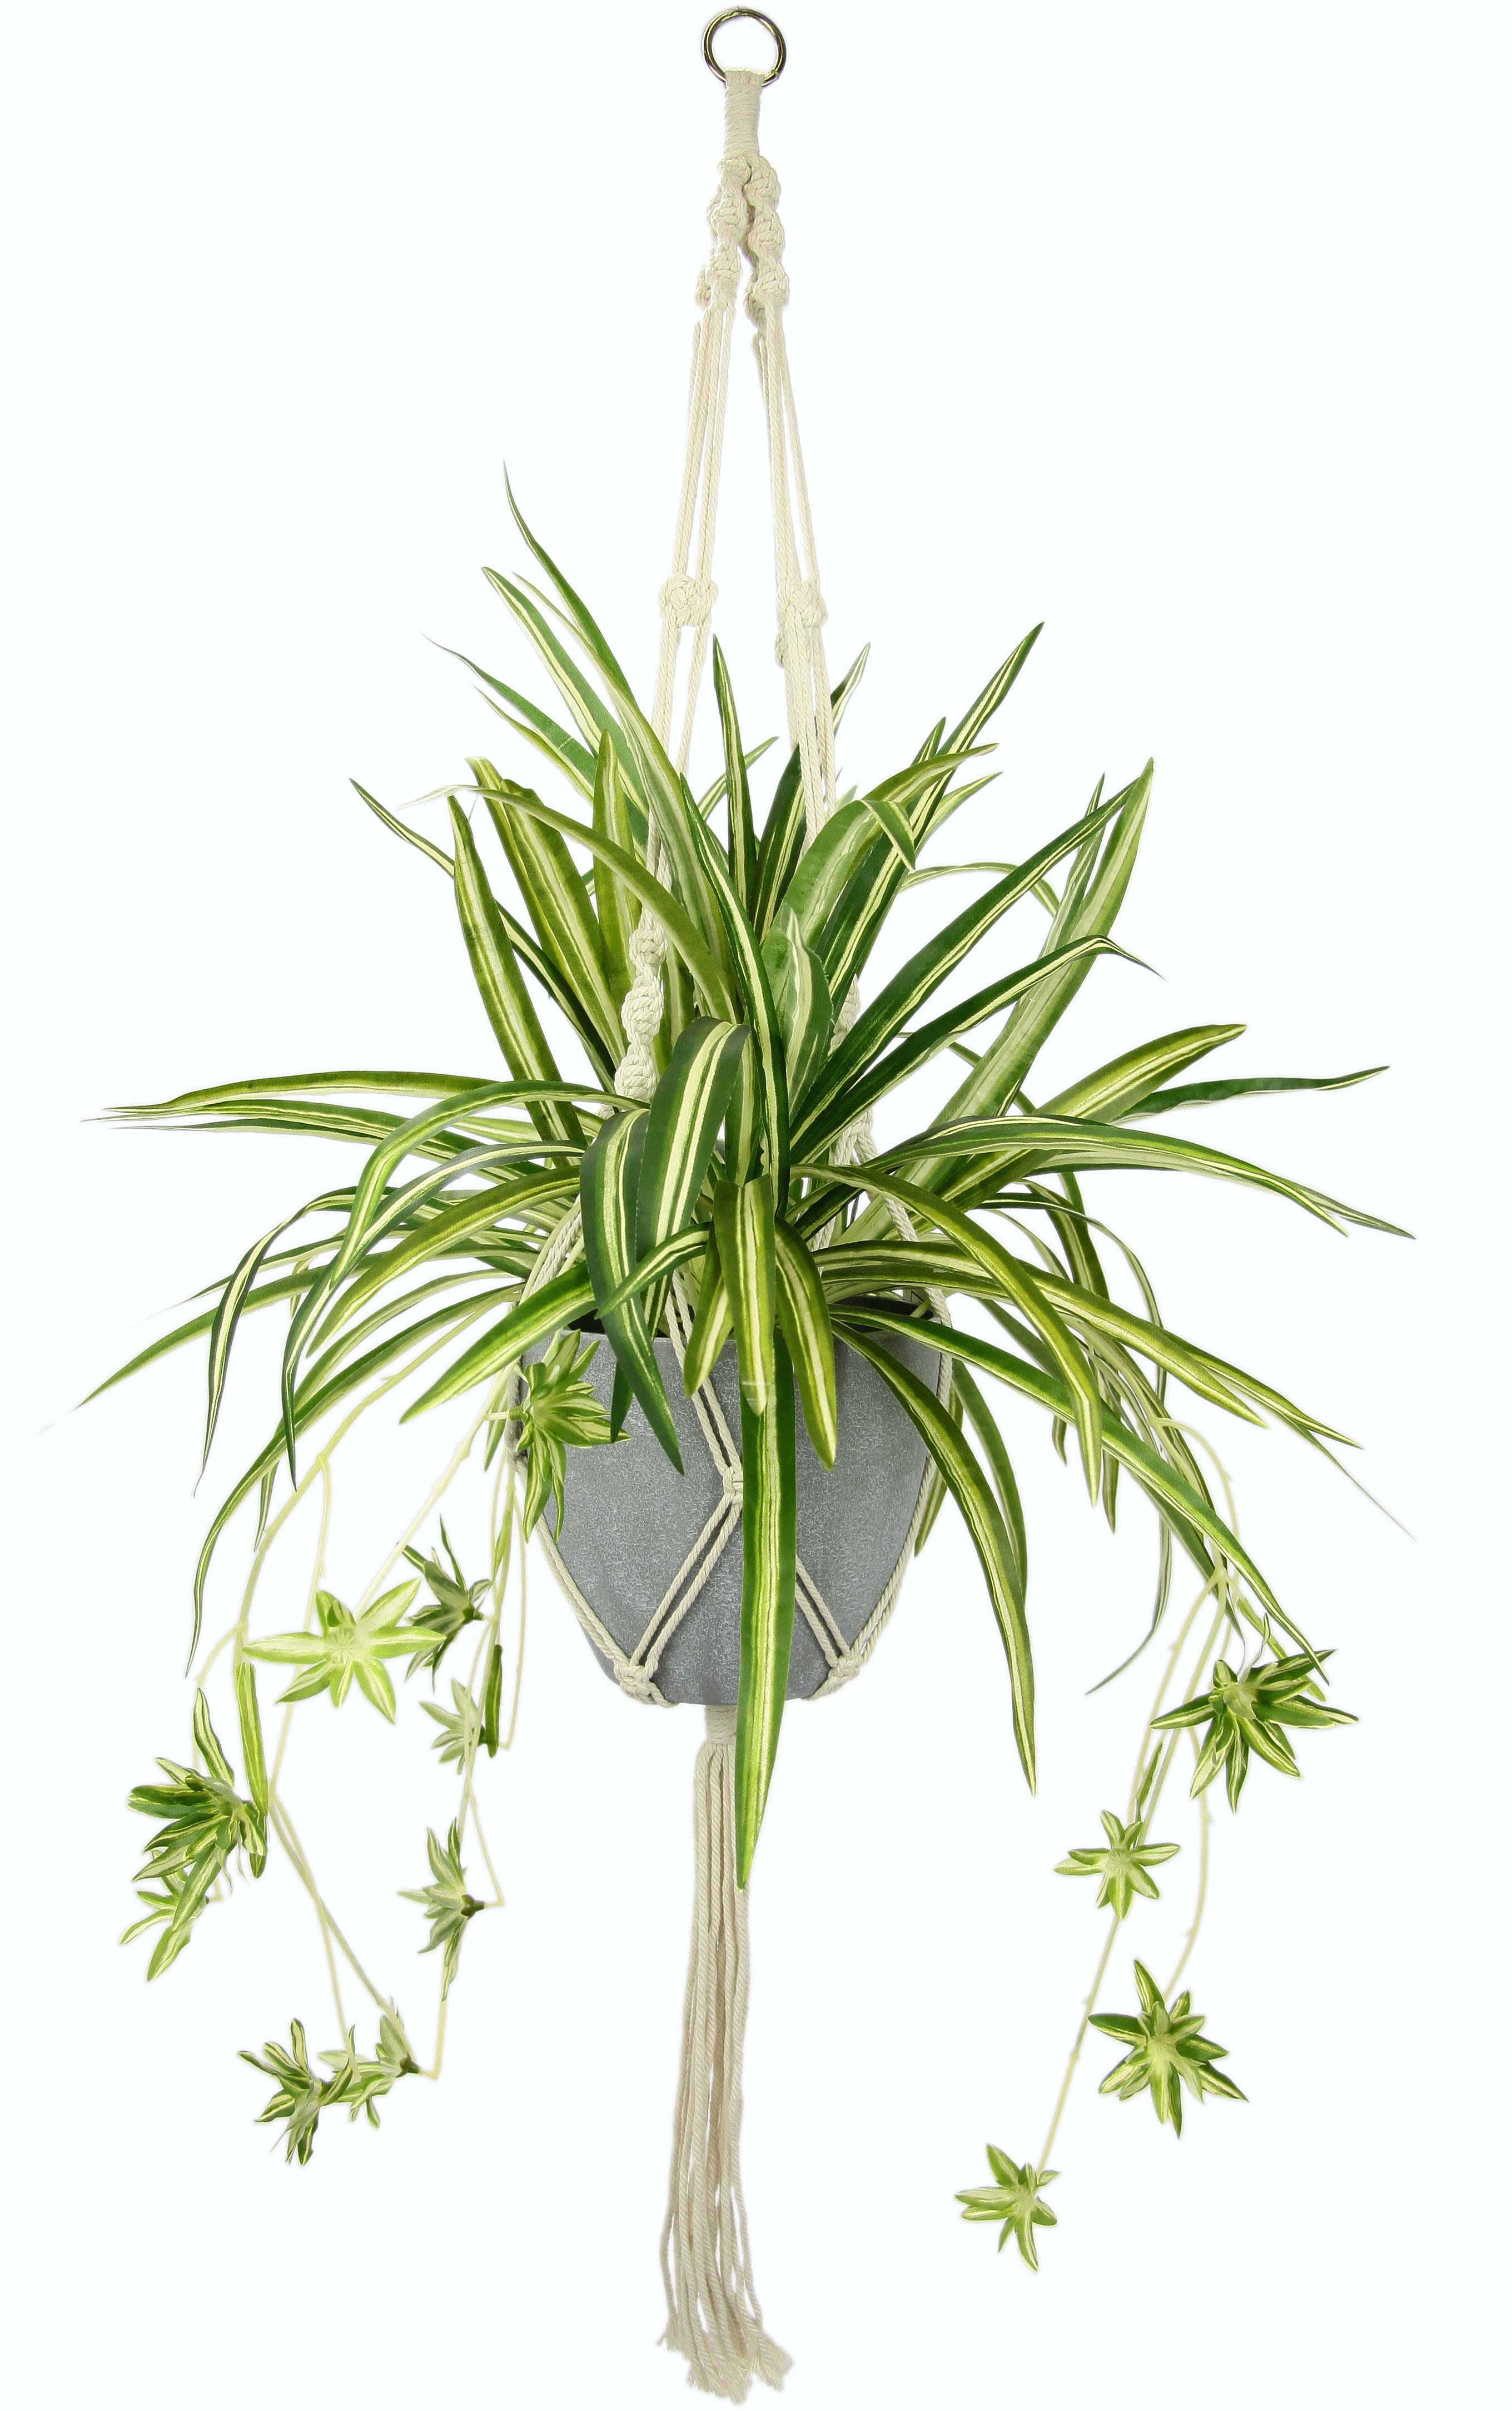 I.GE.A. Künstliche Zimmerpflanze Wasserlilie (1 Stück) weiß Zimmerpflanzen Kunstpflanzen Wohnaccessoires